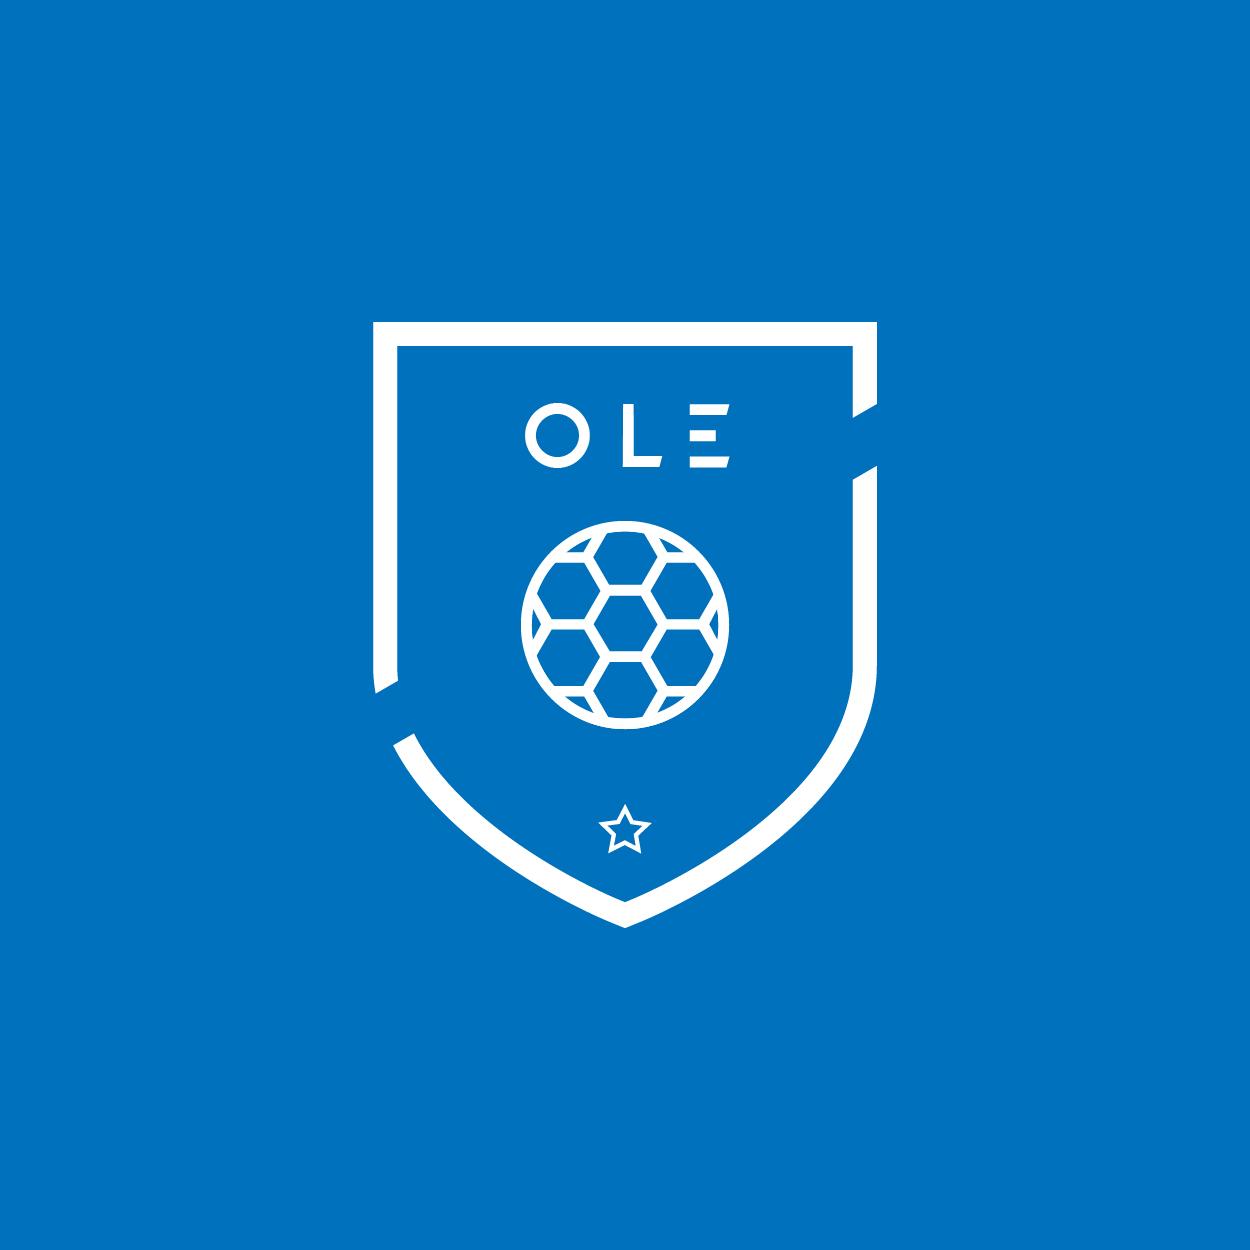 """Футбольная школа """"Оле"""" в Атырау."""